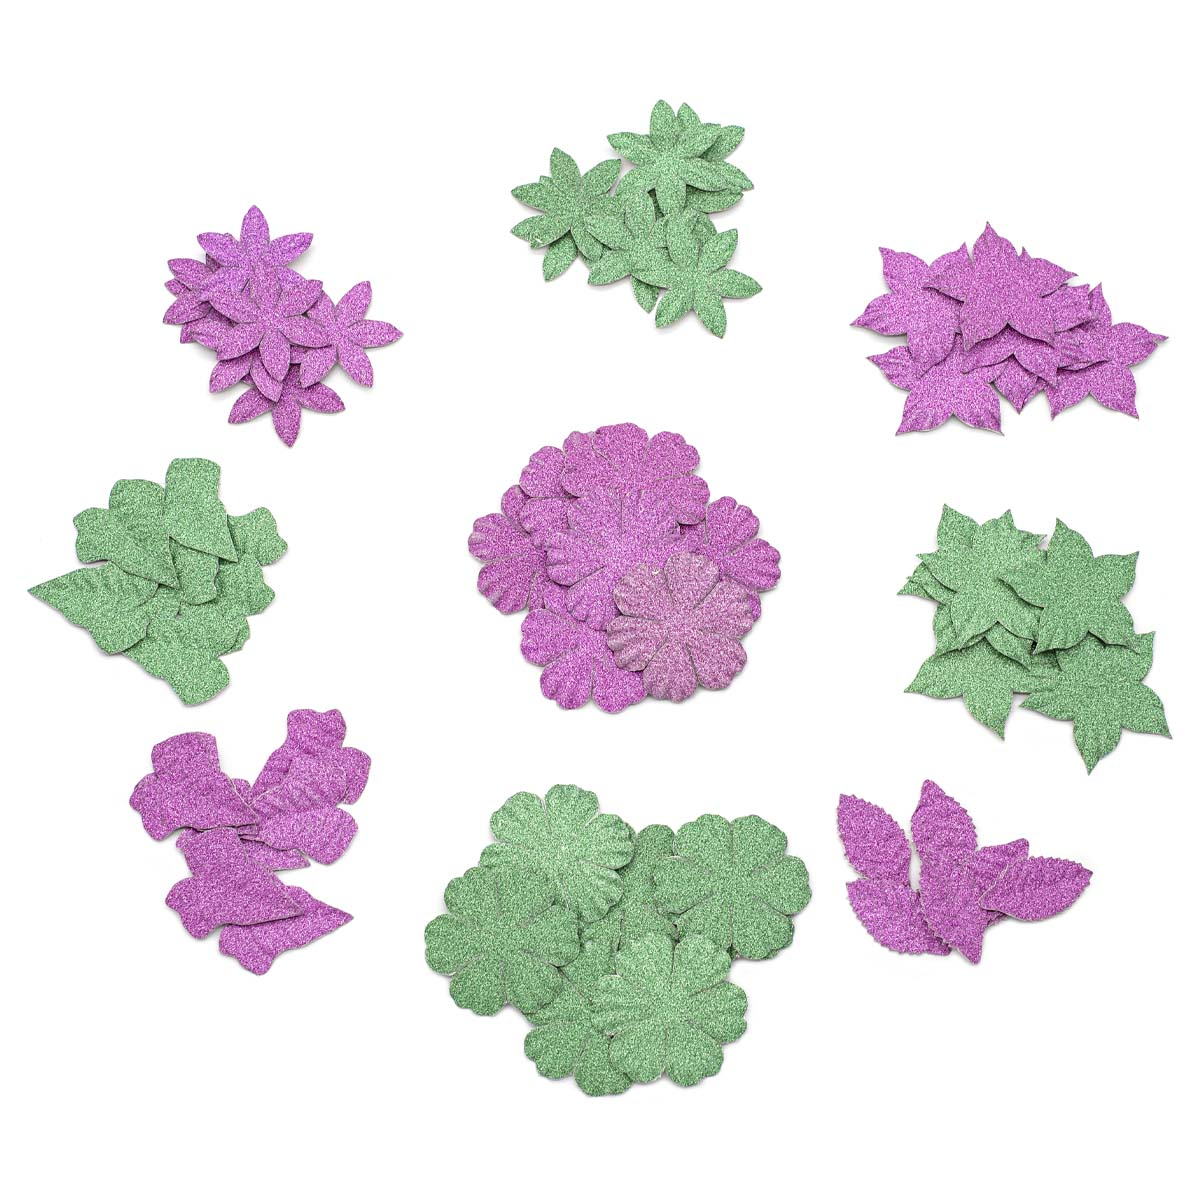 Набор бумажных лепестков с блестками 'Фиолетово-зеленый микс' 72 шт